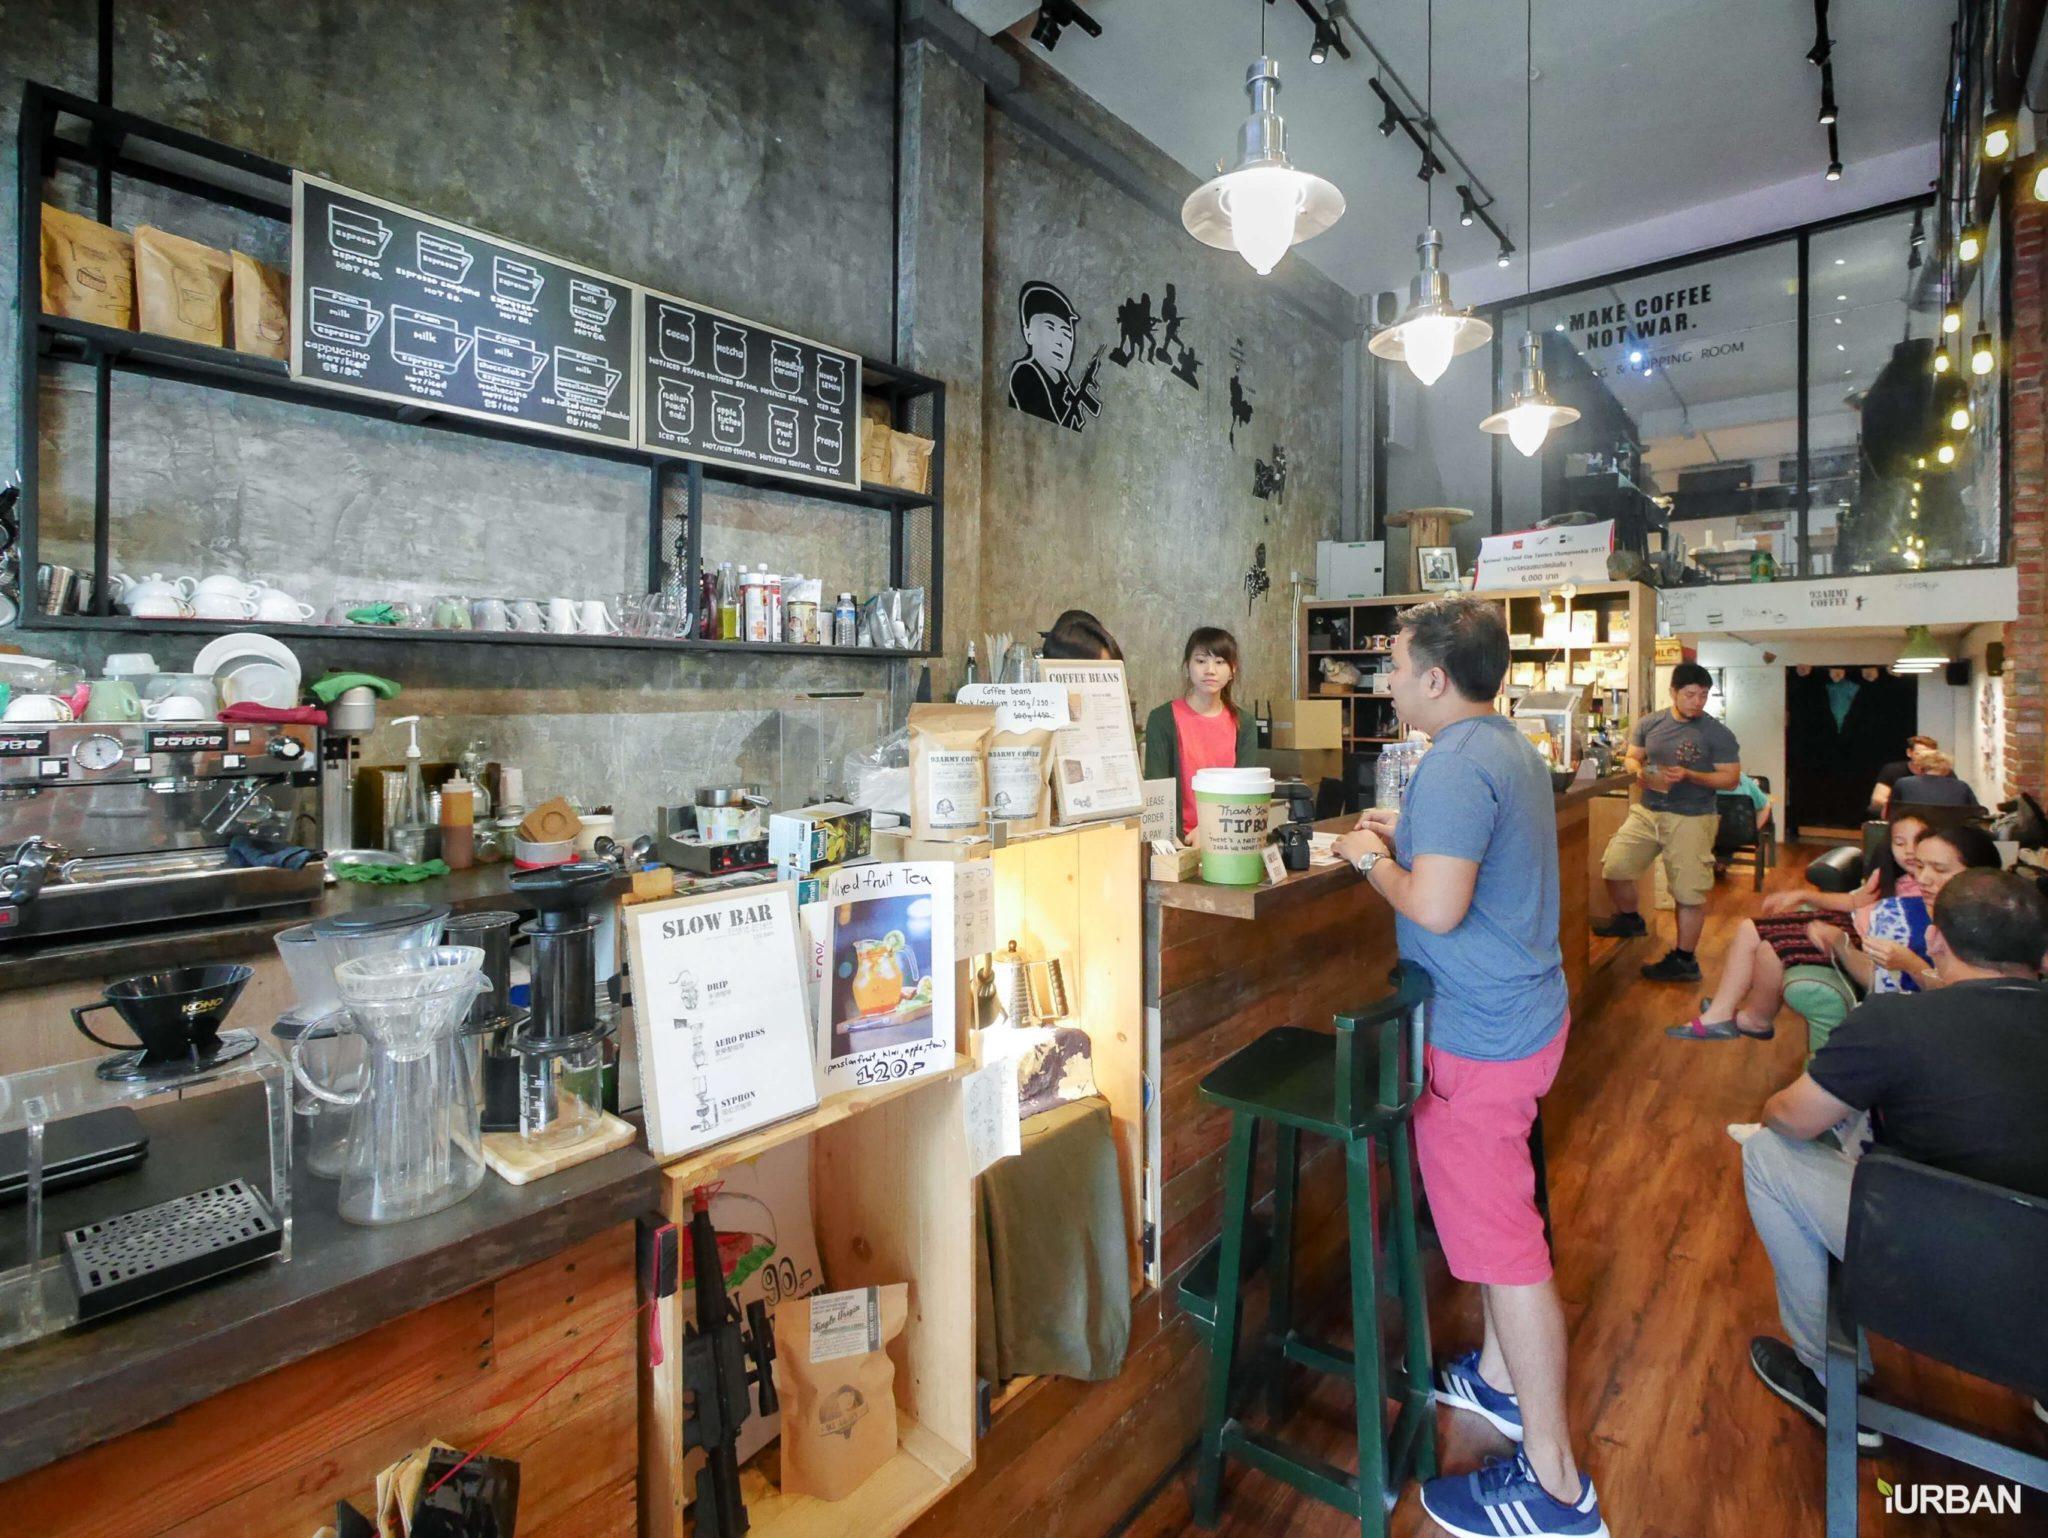 10 ร้านกาแฟ ทองหล่อ - เอกมัย เครื่องดื่มเด็ด บรรยากาศดี 76 - Ananda Development (อนันดา ดีเวลลอปเม้นท์)